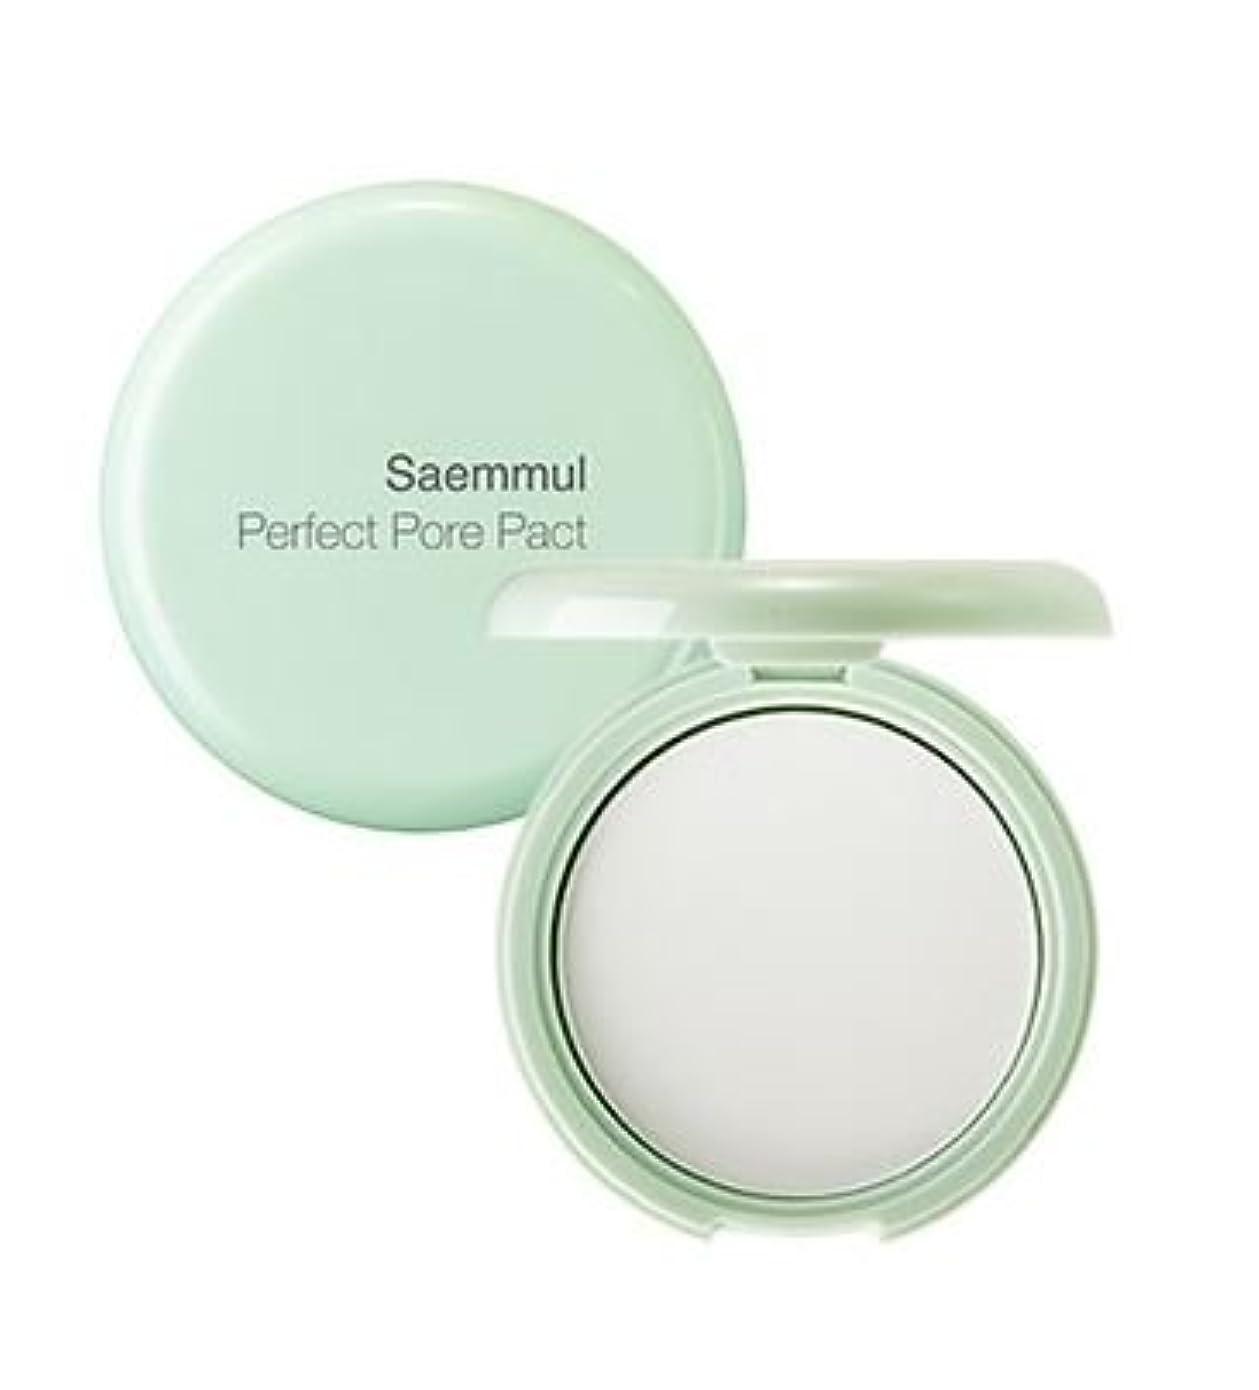 推進力突っ込む写真ザセム[The Saem]センムルセンムルポアパーフェクトパクト The Saem Saemmul Perfect Pore Pact